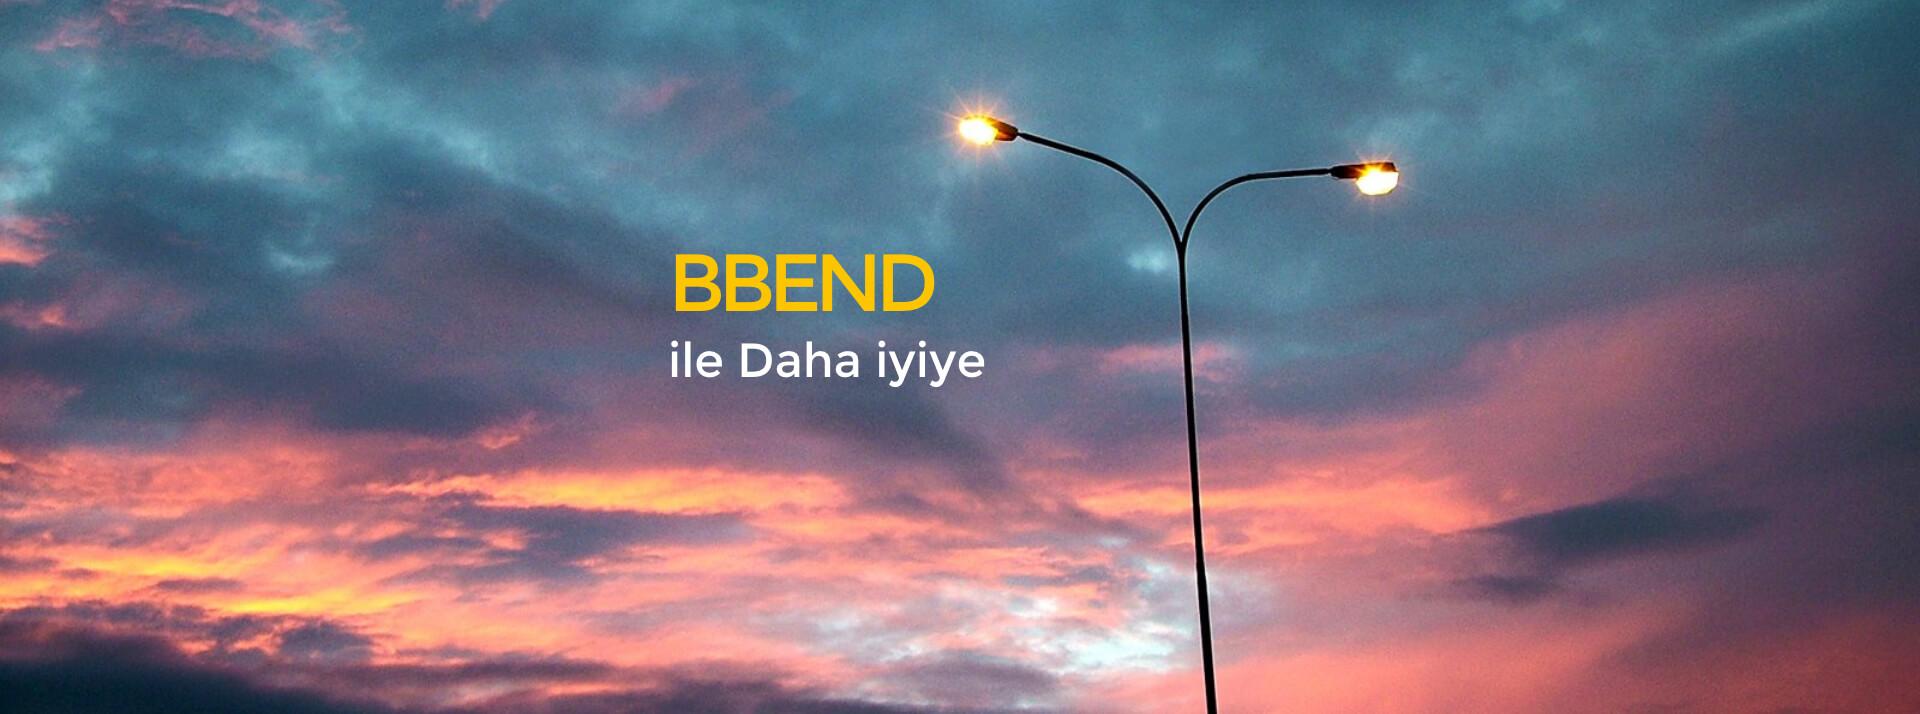 bbend Slider -1